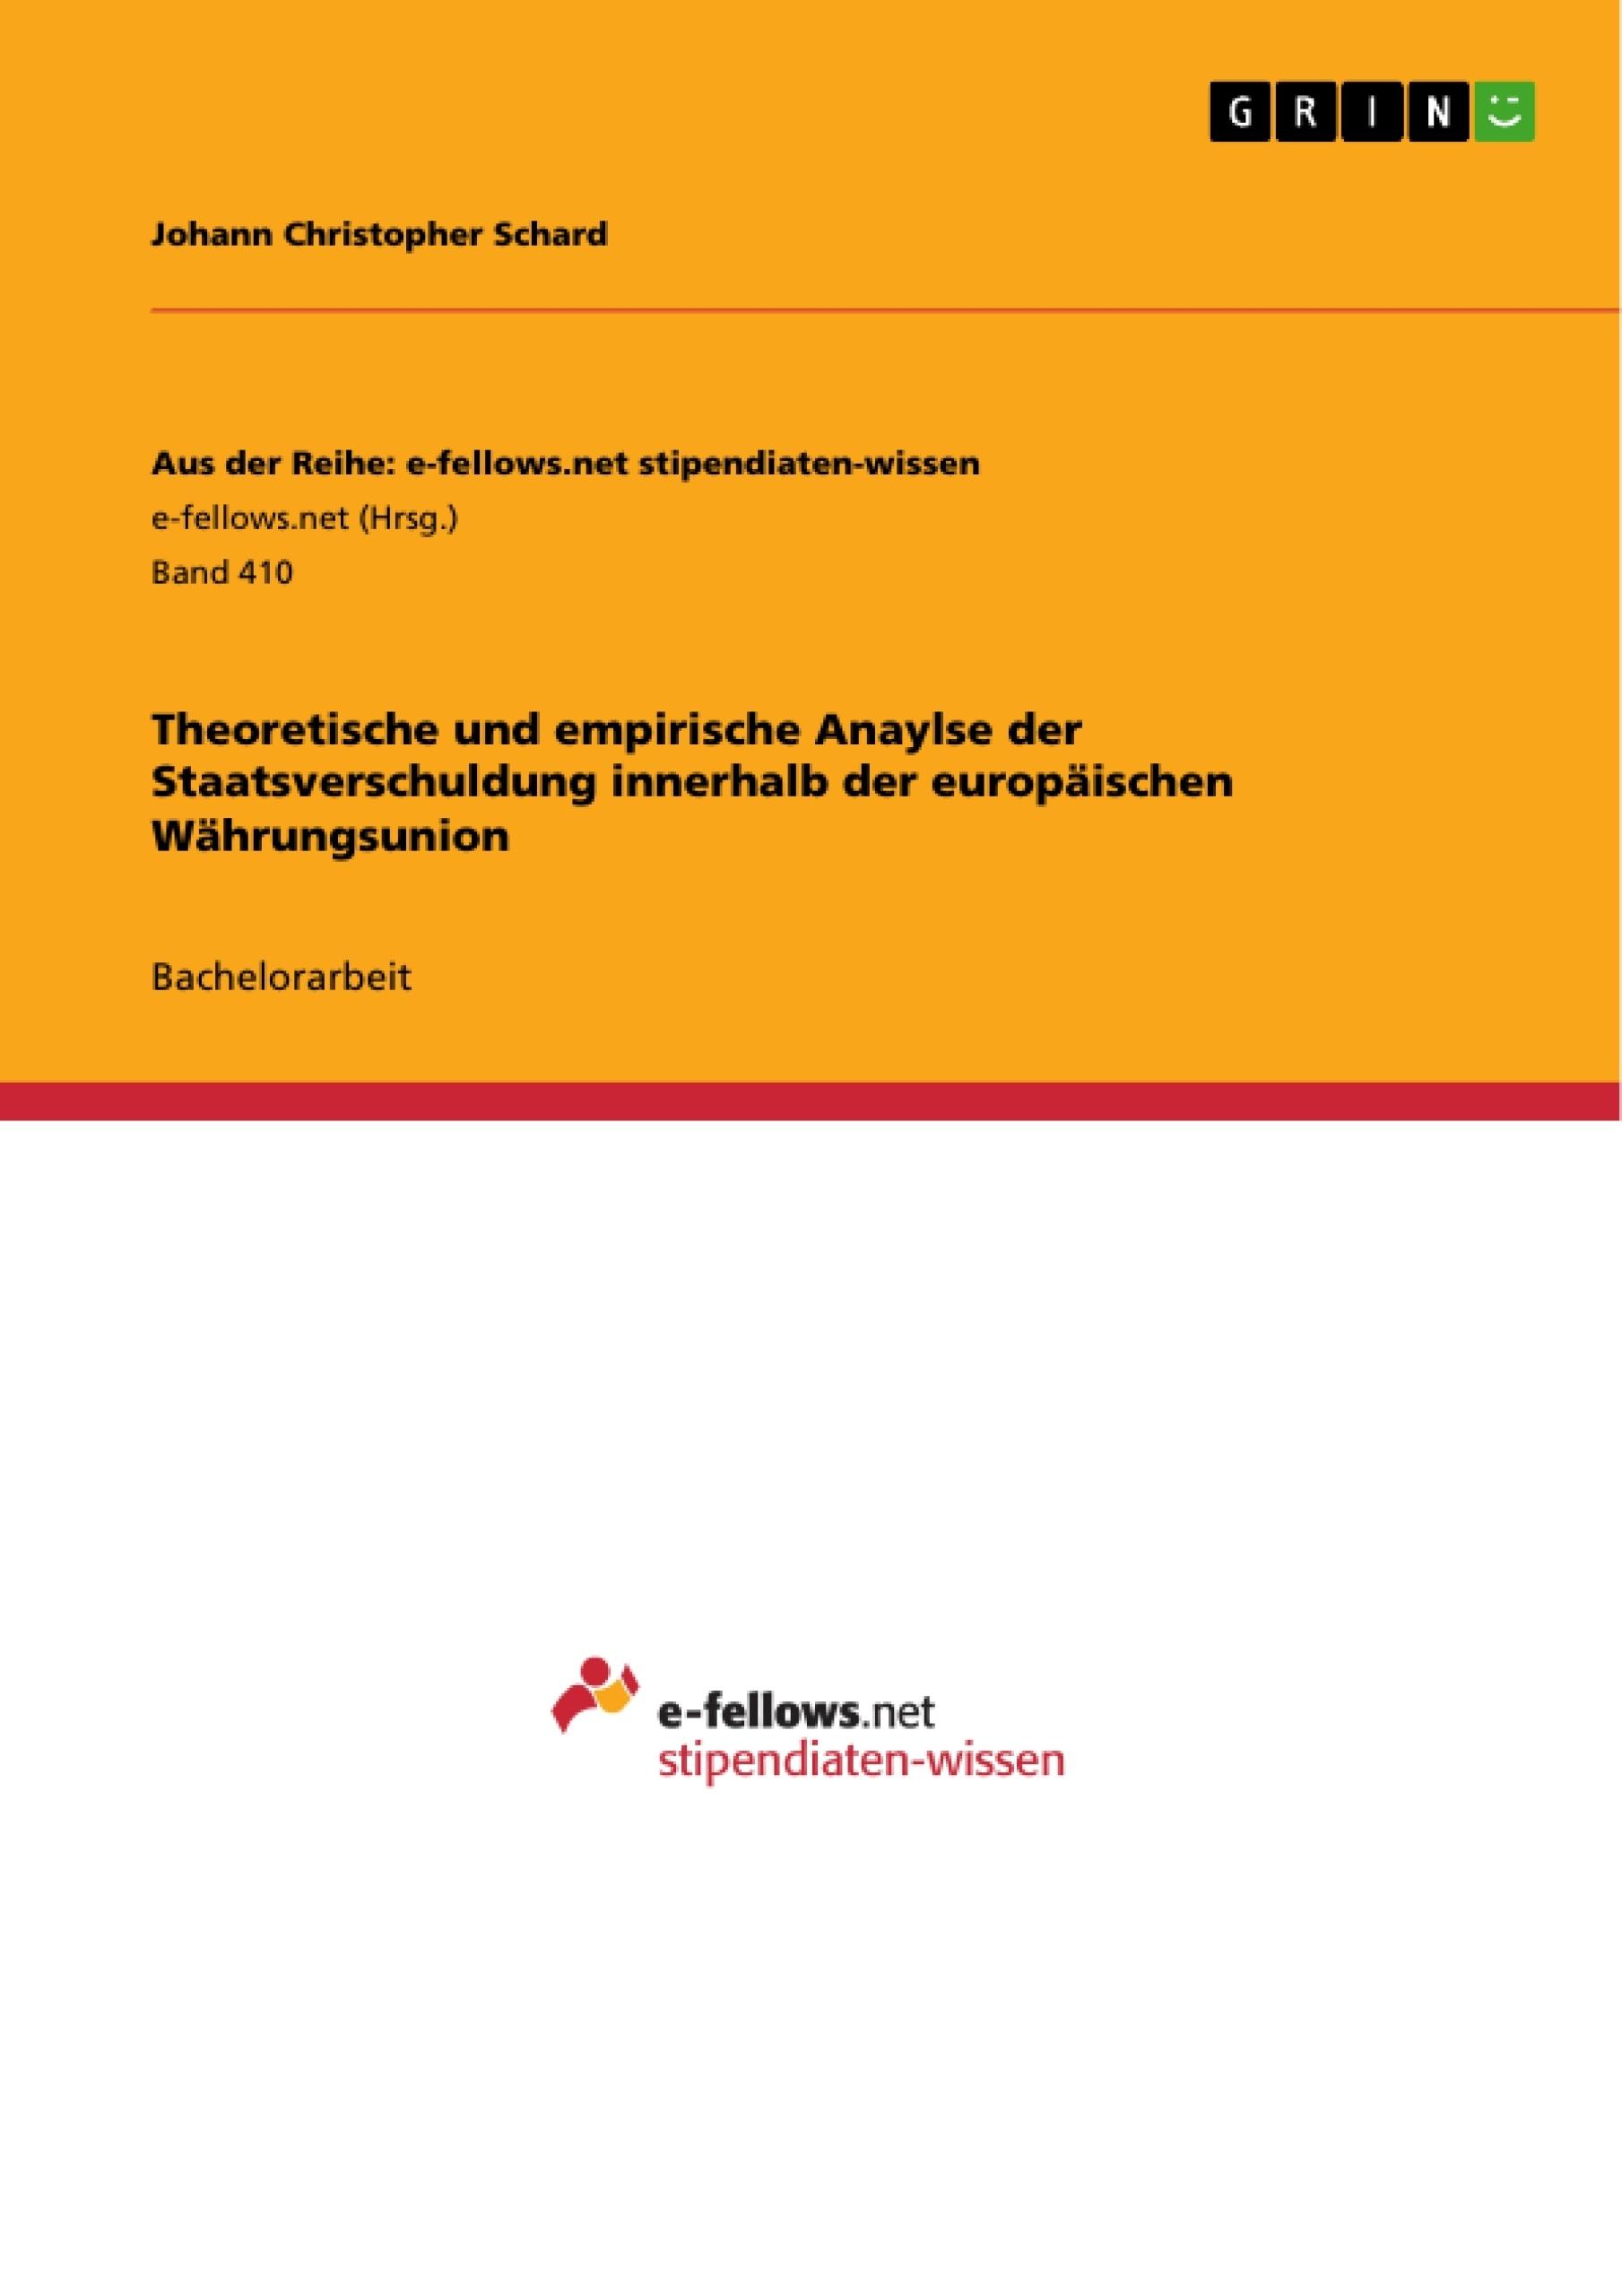 Titel: Theoretische und empirische Anaylse der Staatsverschuldung innerhalb der europäischen Währungsunion